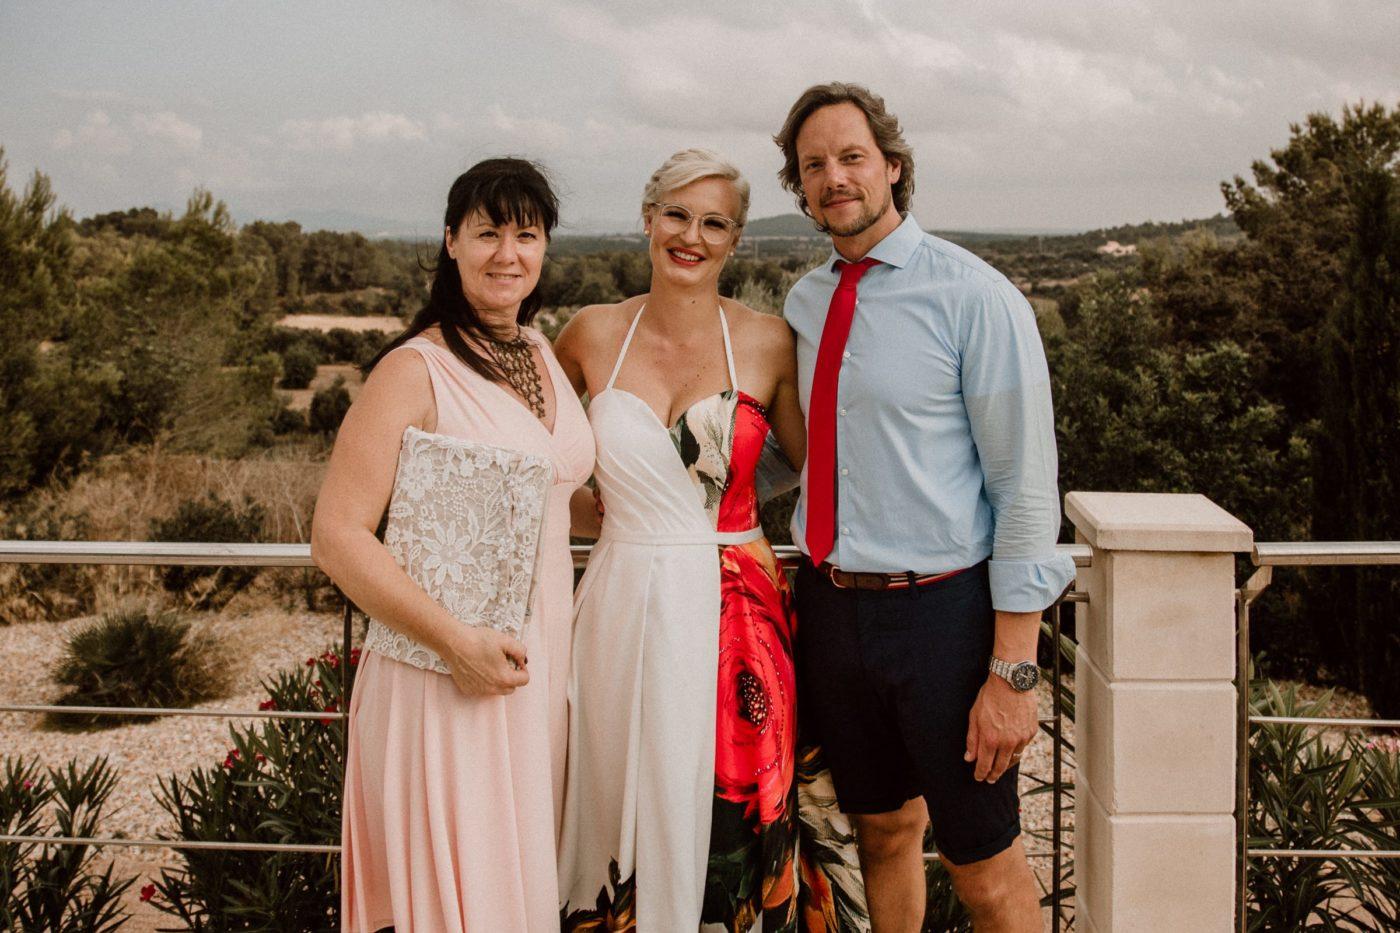 Gruppenbild mit mir und dem lächelnden Brautpaar nach unserer freien Trauung auf Mallorca.